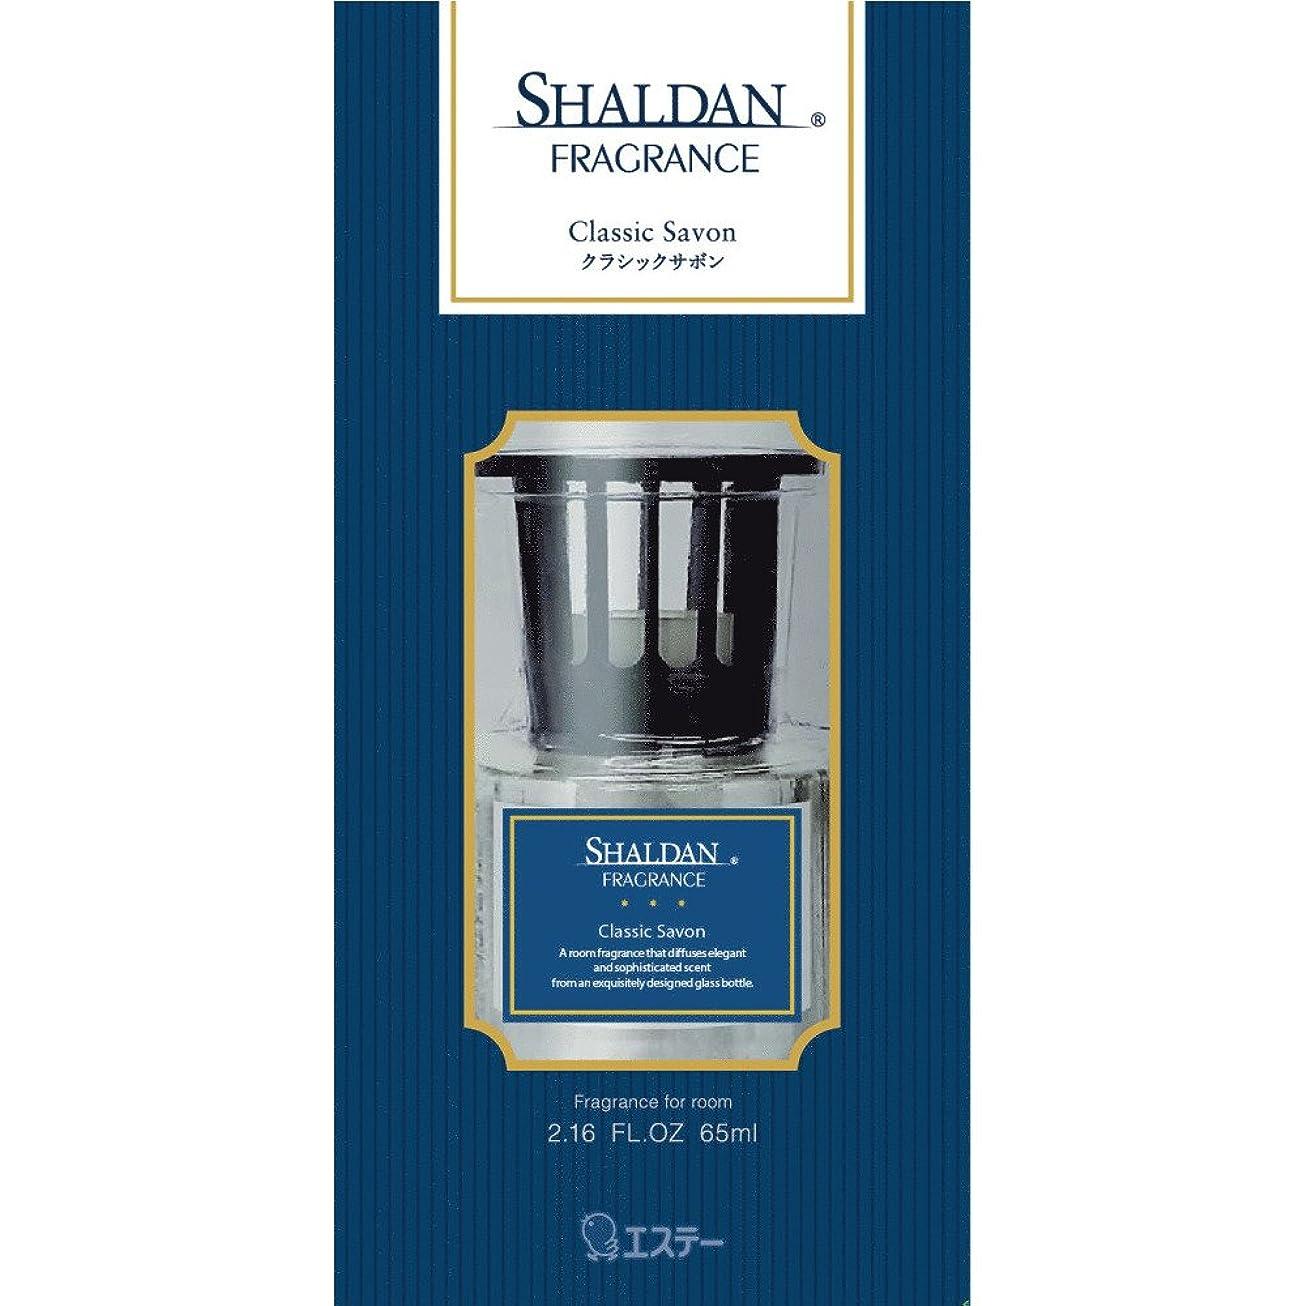 すごいダイバー有限シャルダン SHALDAN フレグランス 消臭芳香剤 部屋用 本体 クラシックサボン 65ml